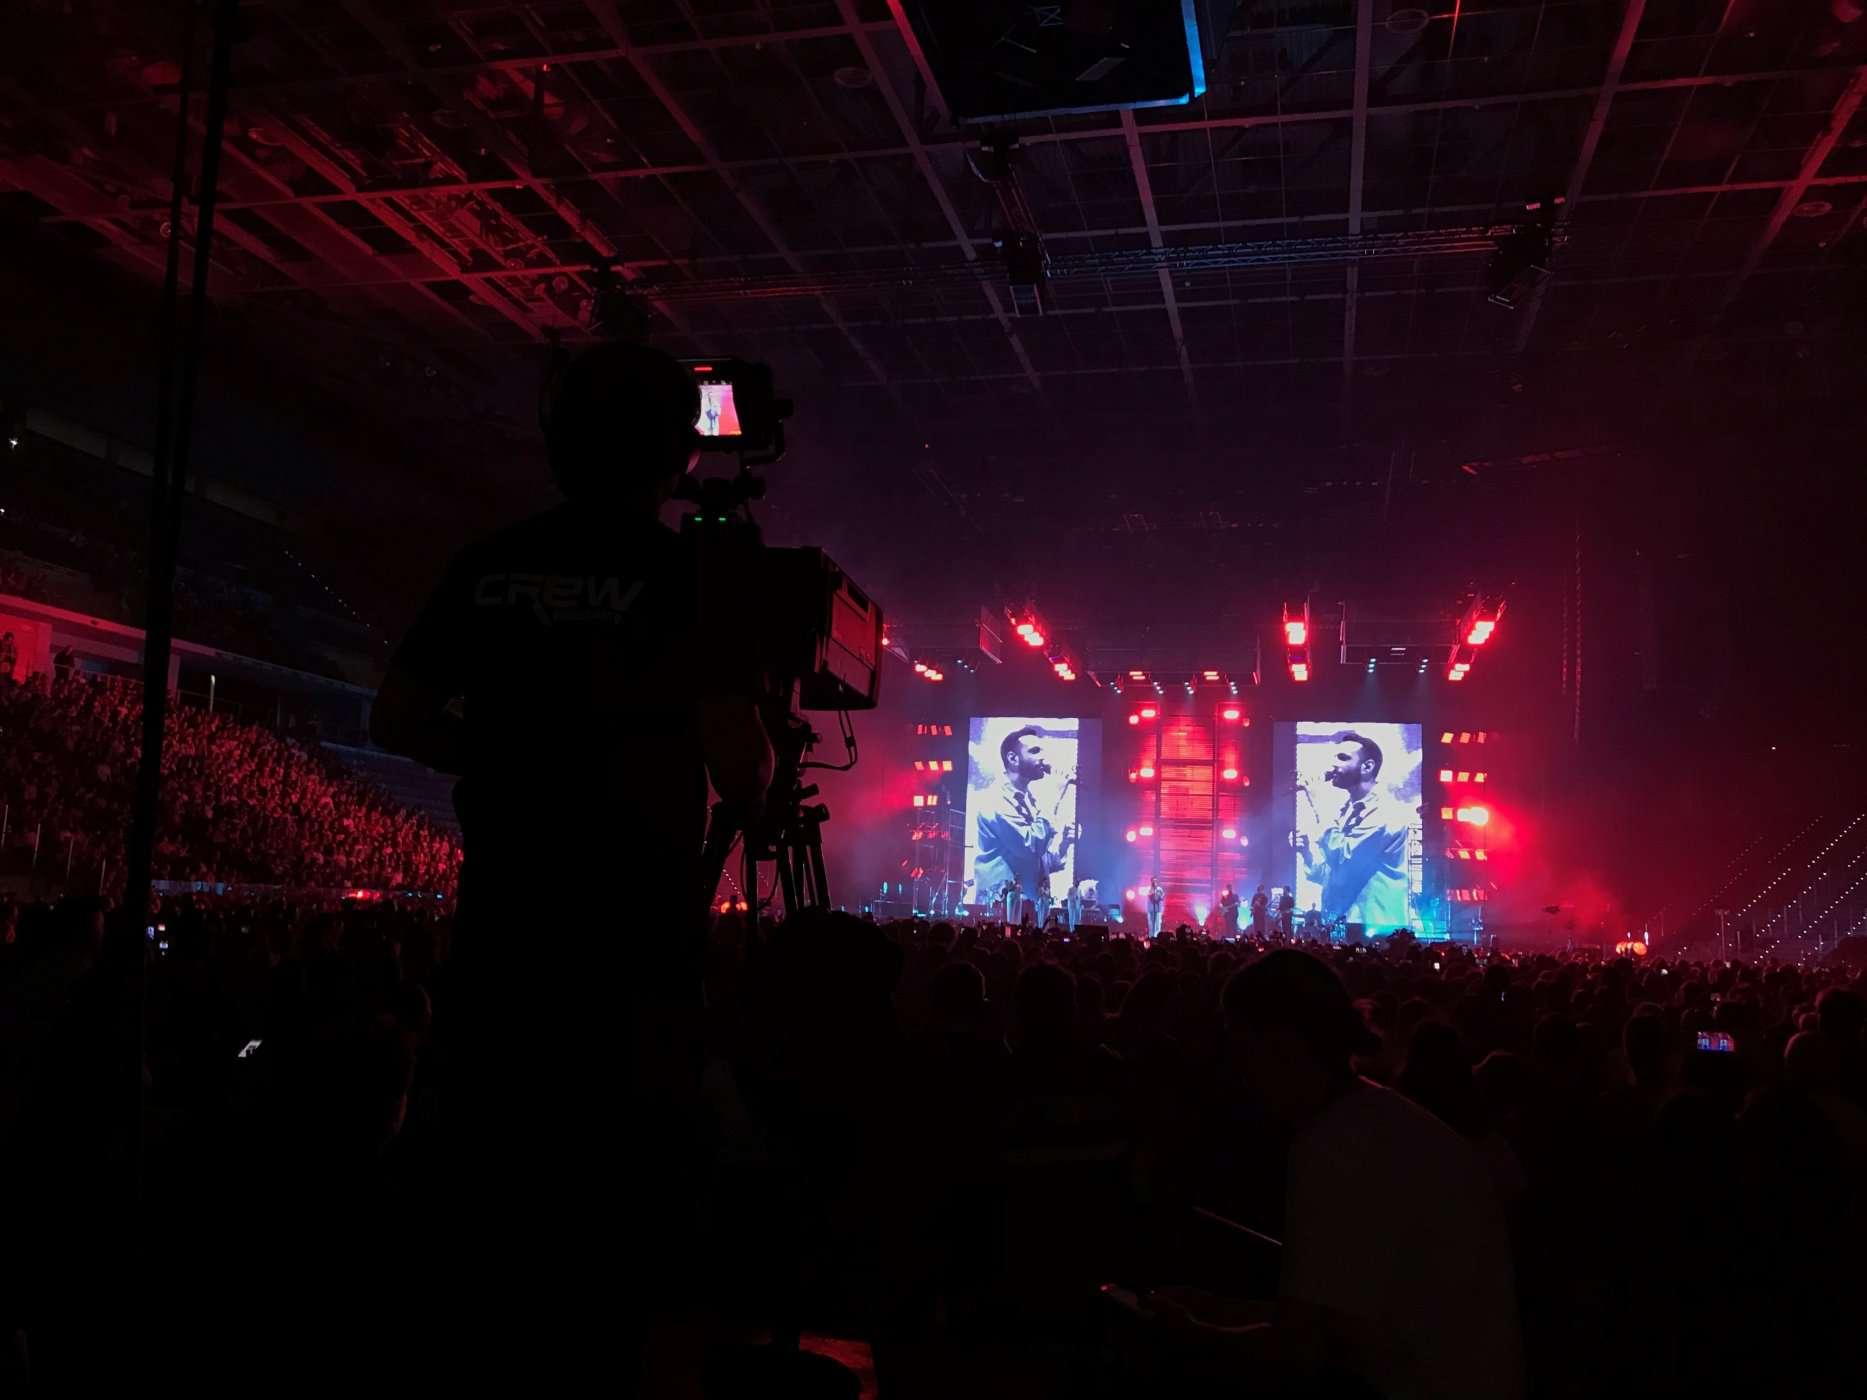 Videoproduzioni-postproduzione-eventi-streaming-service-broadcast-noleggio (15)